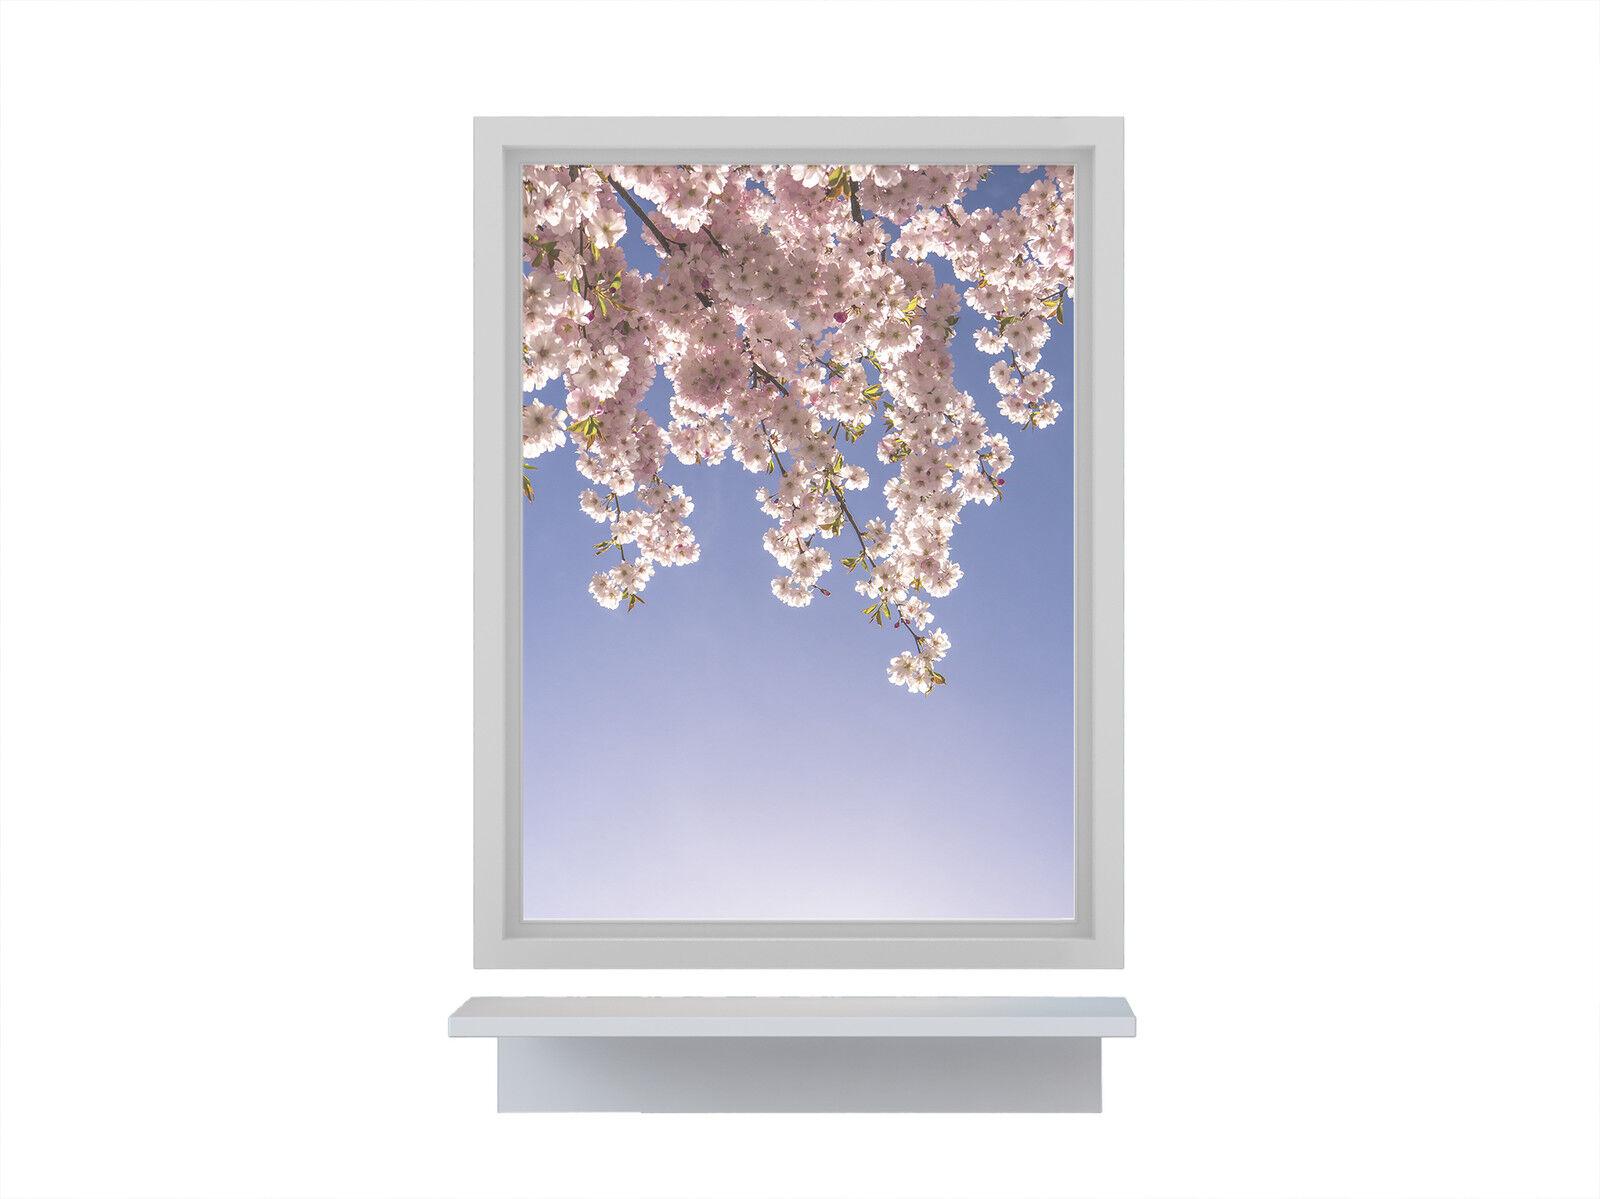 Fensterbild Frühling Kirsche Blüte Blüte Blüte Milchglasfolie (Sichtschutz) wiederablösbar | Großartig  1b15c3